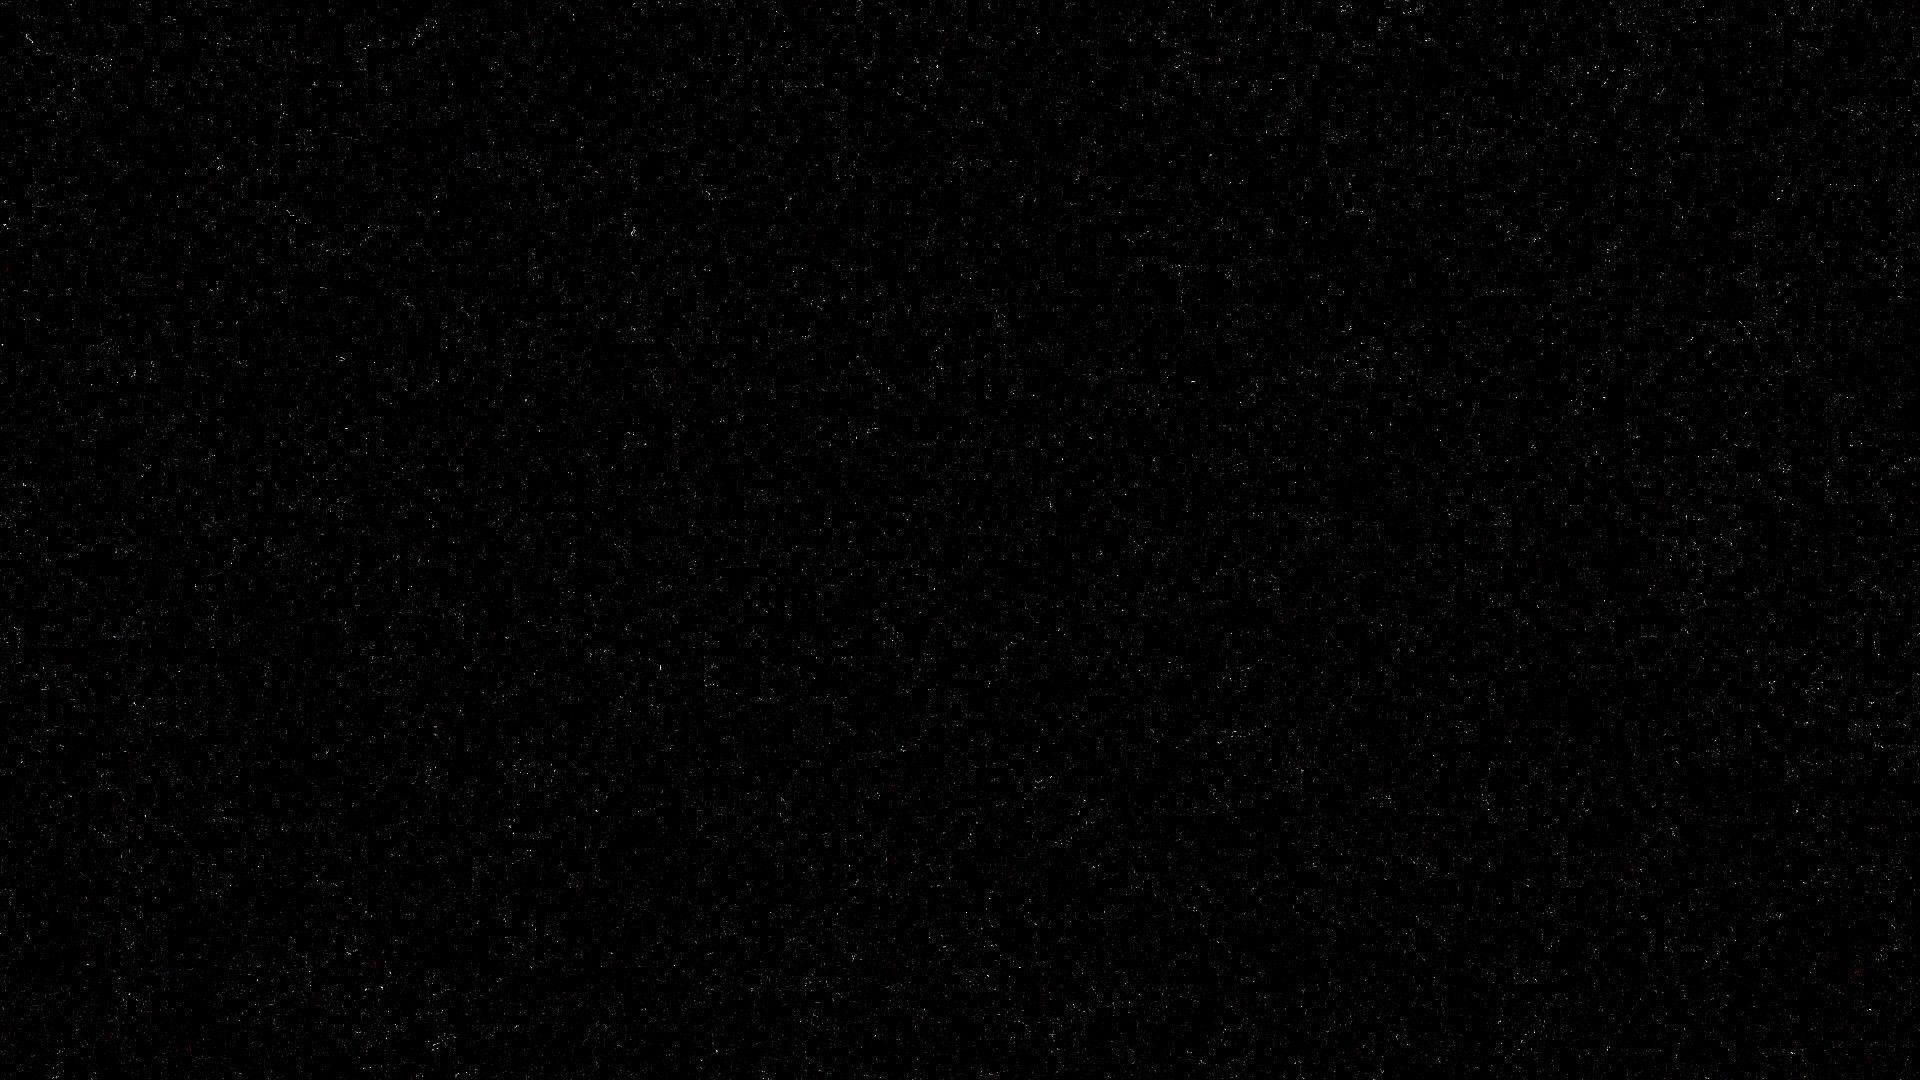 Full Dark Black Screen Wallpapers Wallpaper Cave